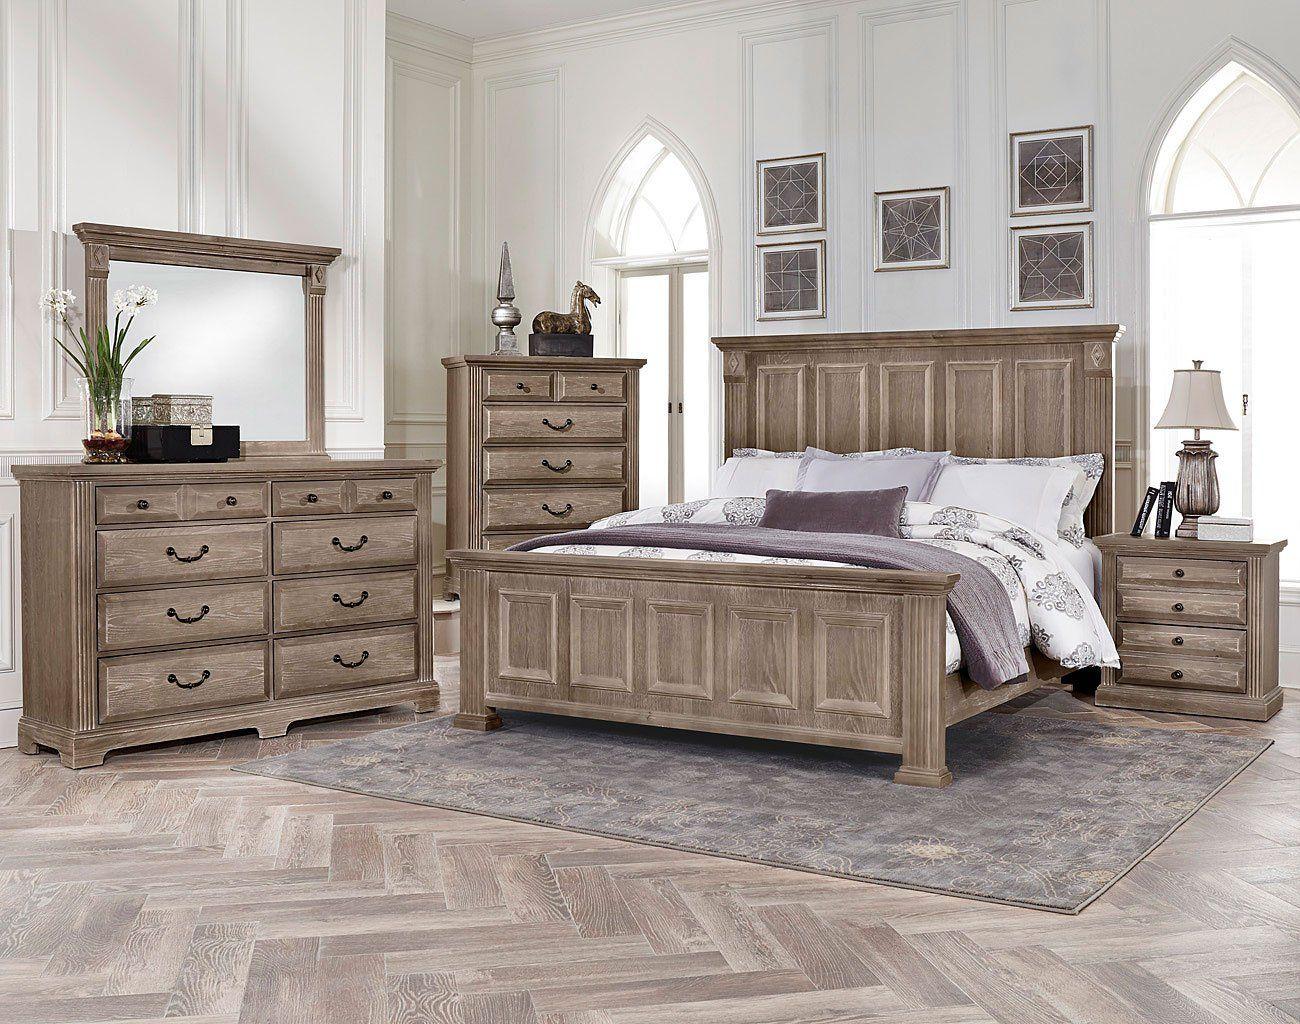 Woodlands mansion bedroom set driftwood in bedroom